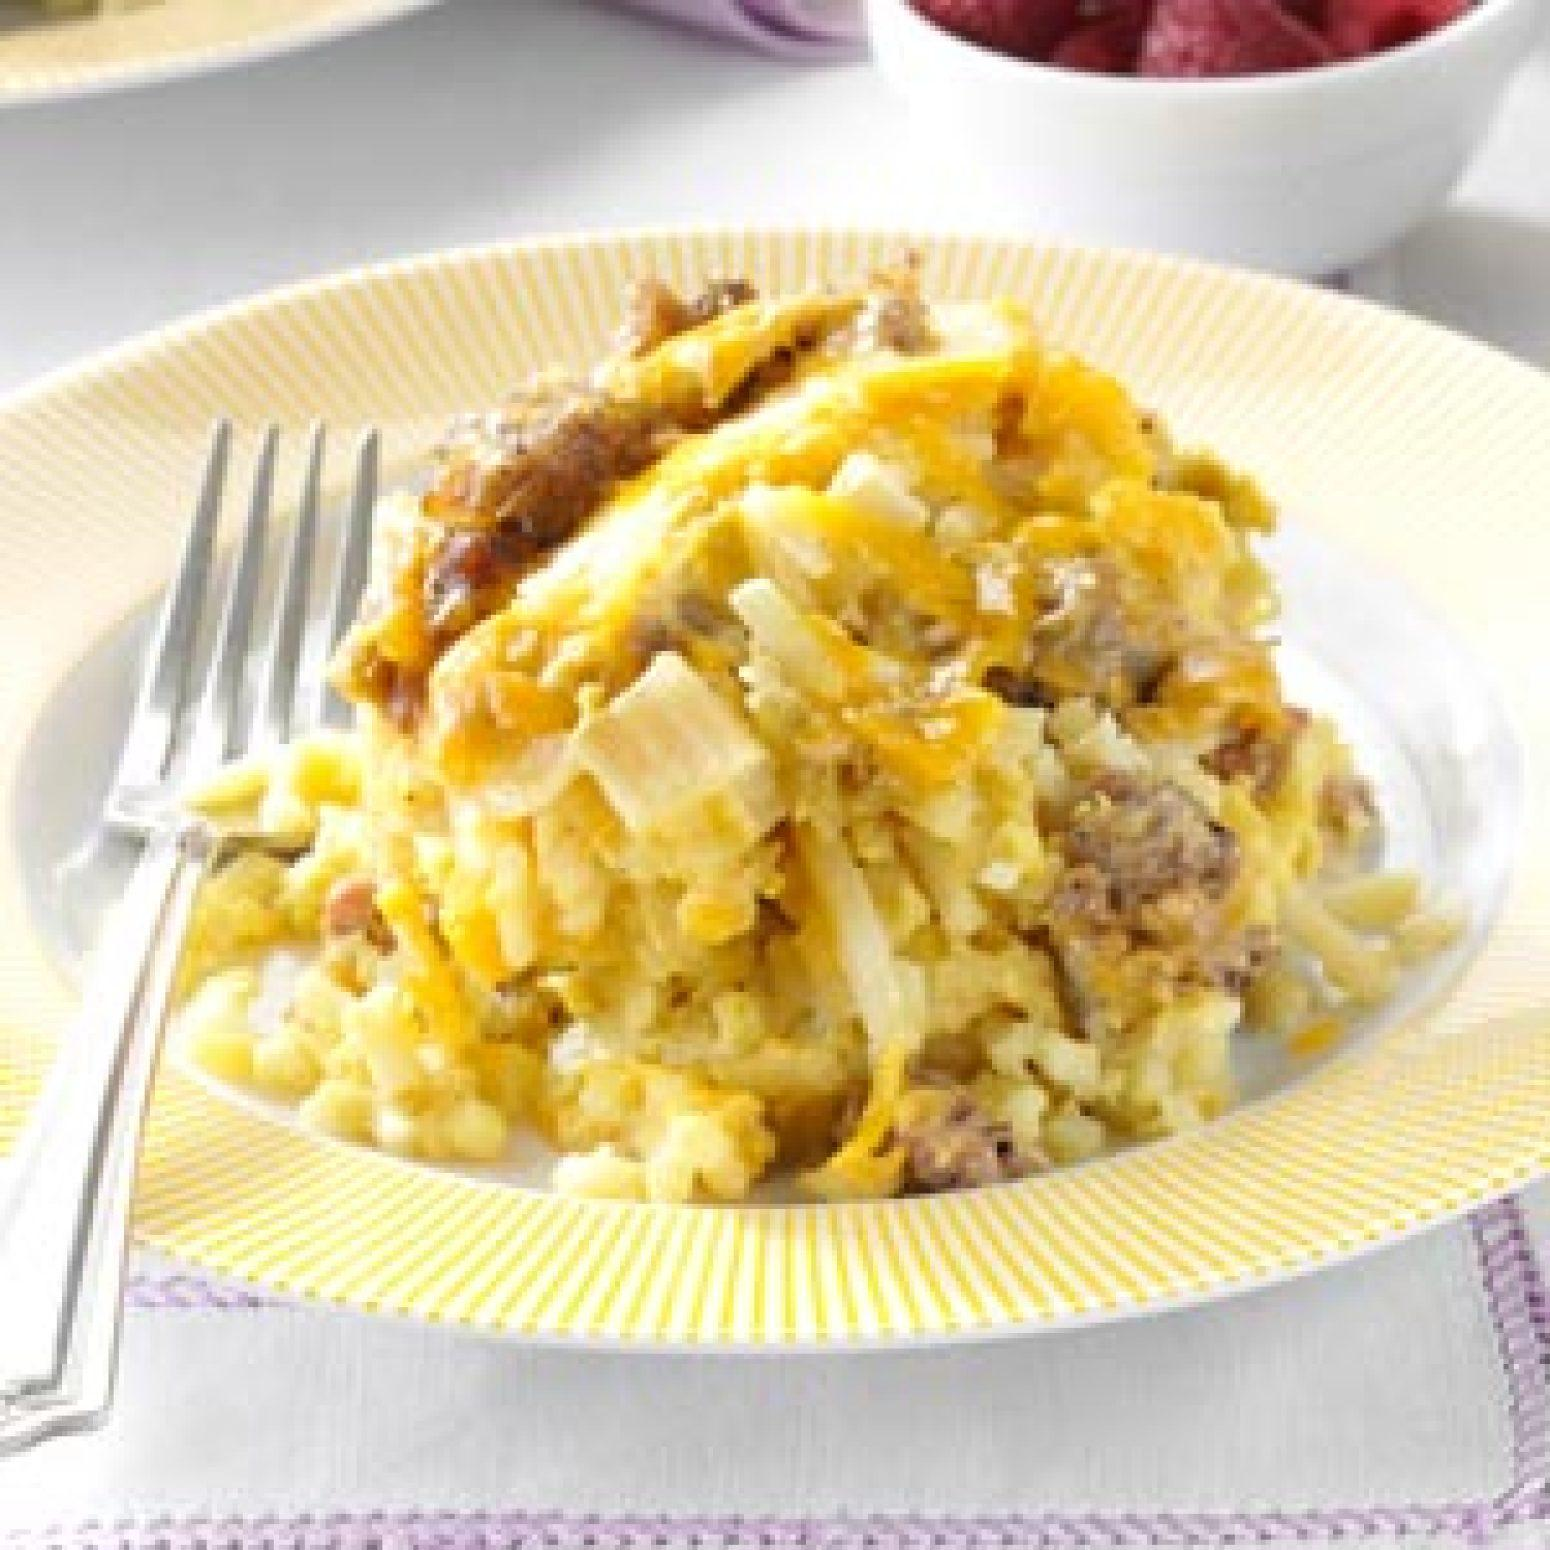 Slow cooker breakfast casserole recipe just a pinch recipes for Slow cooker breakfast recipes for two